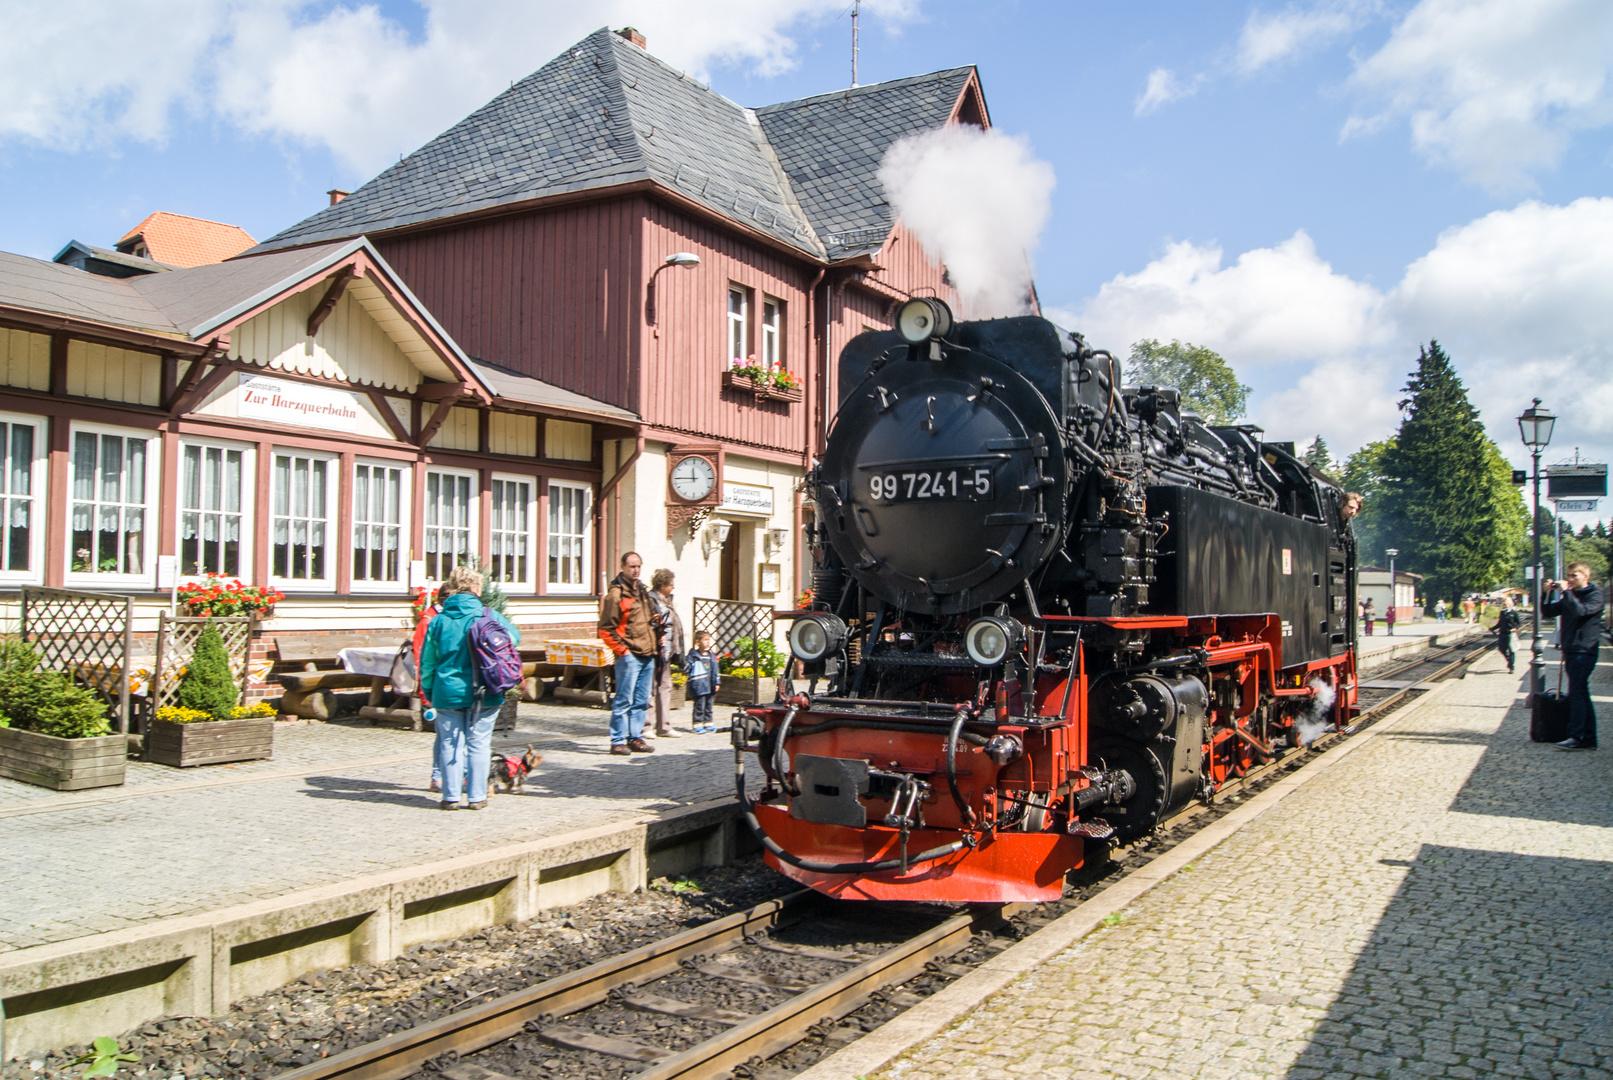 Bahnhof Drei Annen Hohne mit Durchfahrt der Lok 997241-5